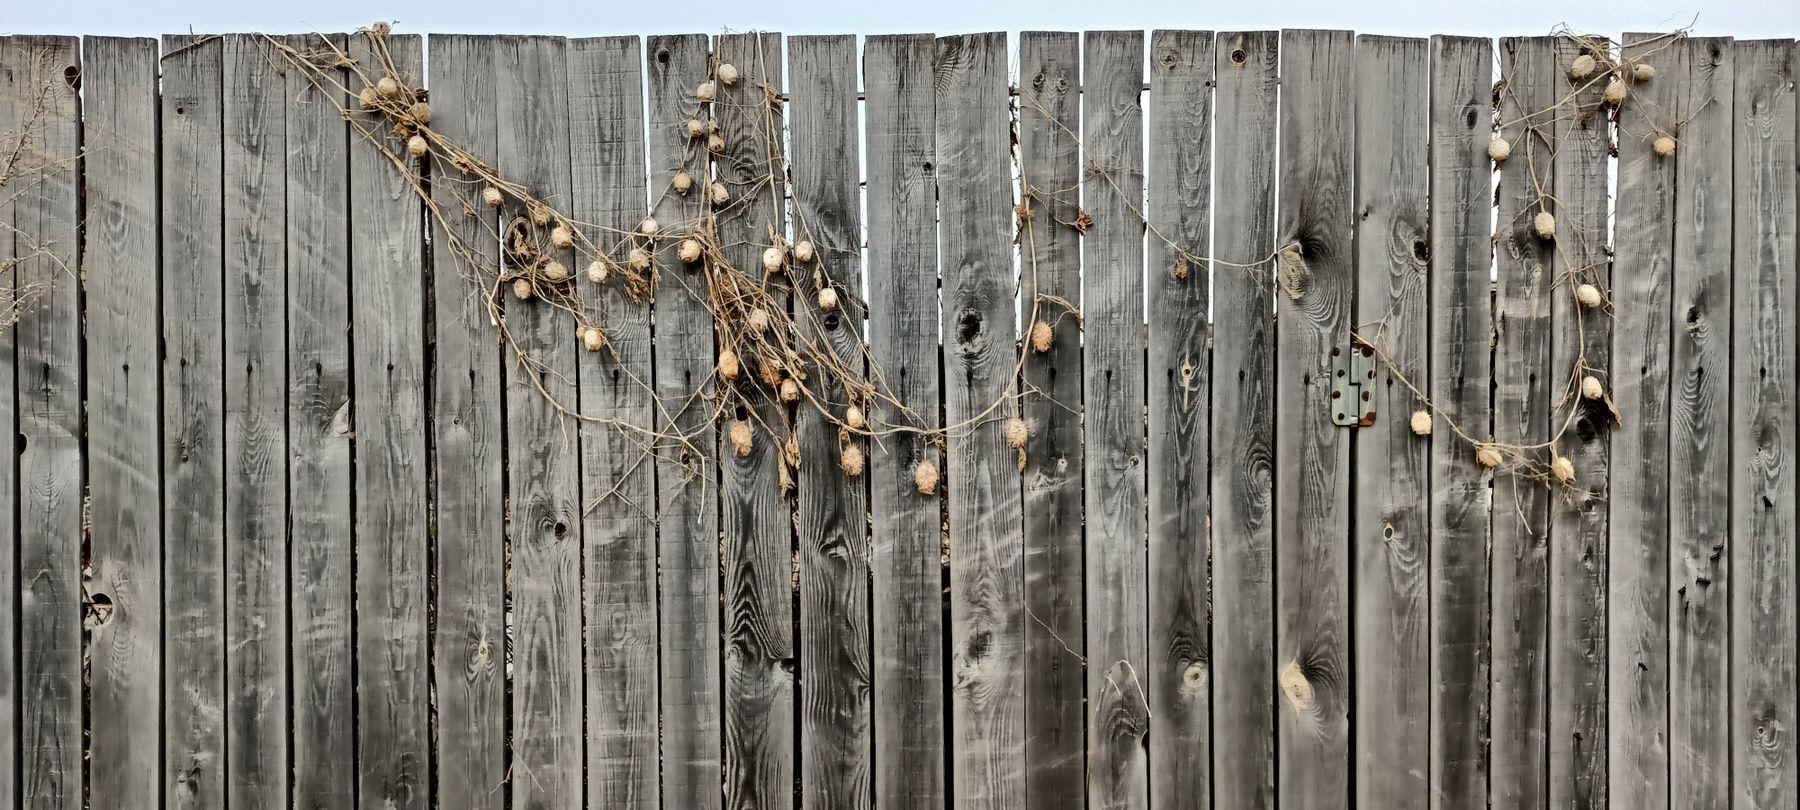 ***Ожерелье Забор деревянный забор калитка закрытая сухие растения бусы ожерелье украшение бешеный огурец эхиноцистис колючие шишечки колючеплодник плетущееся растение оплетение лиана колючки колючий